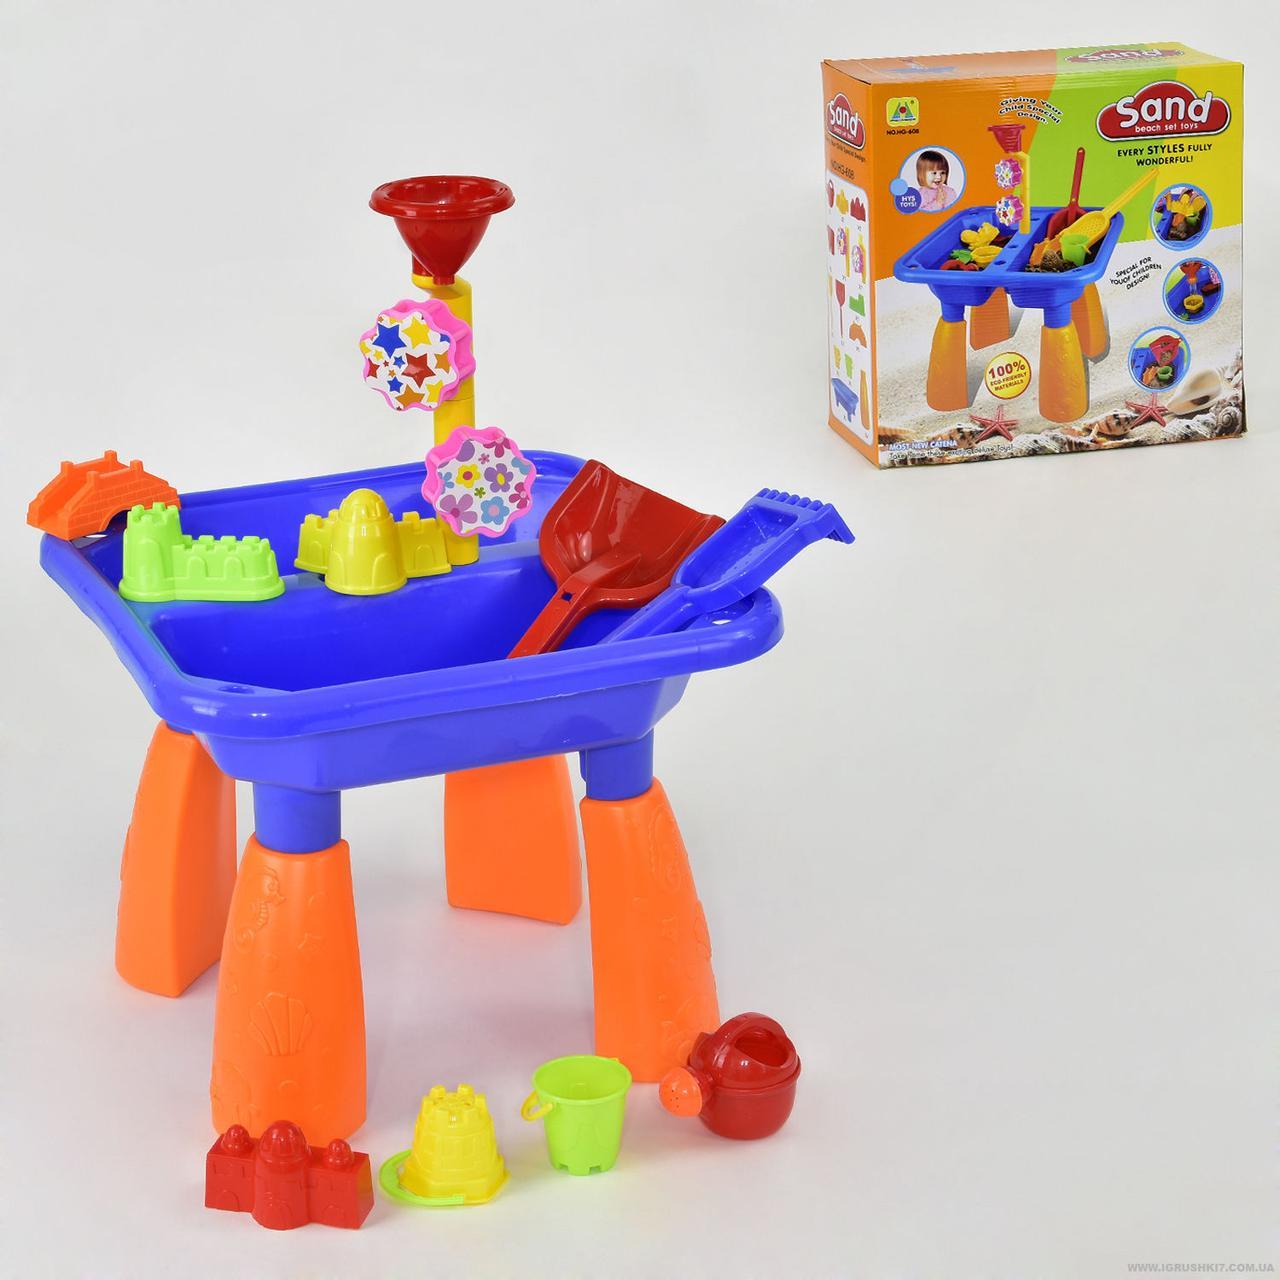 Детский игровой столик для песка и воды HG 608 с аксессуарами